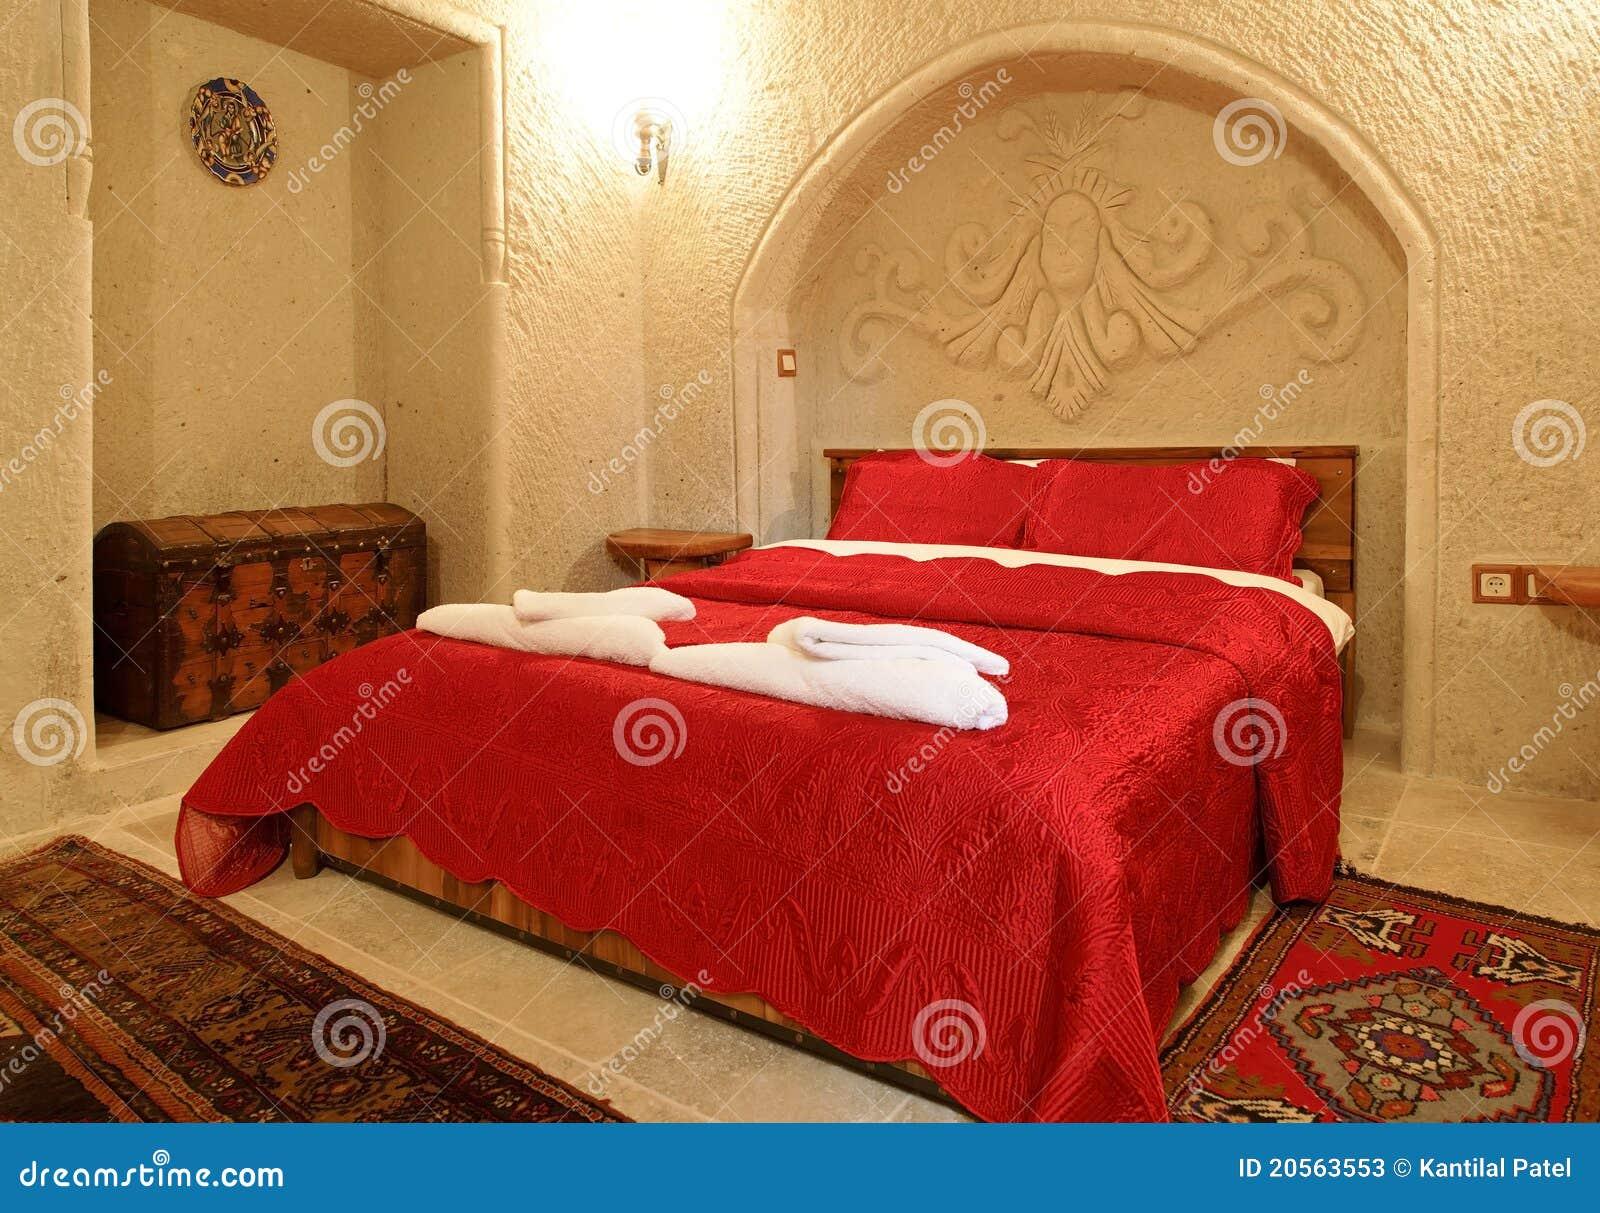 Couvre lit de rouge de disposition de chambre coucher photos stock image - Disposition de chambre ...